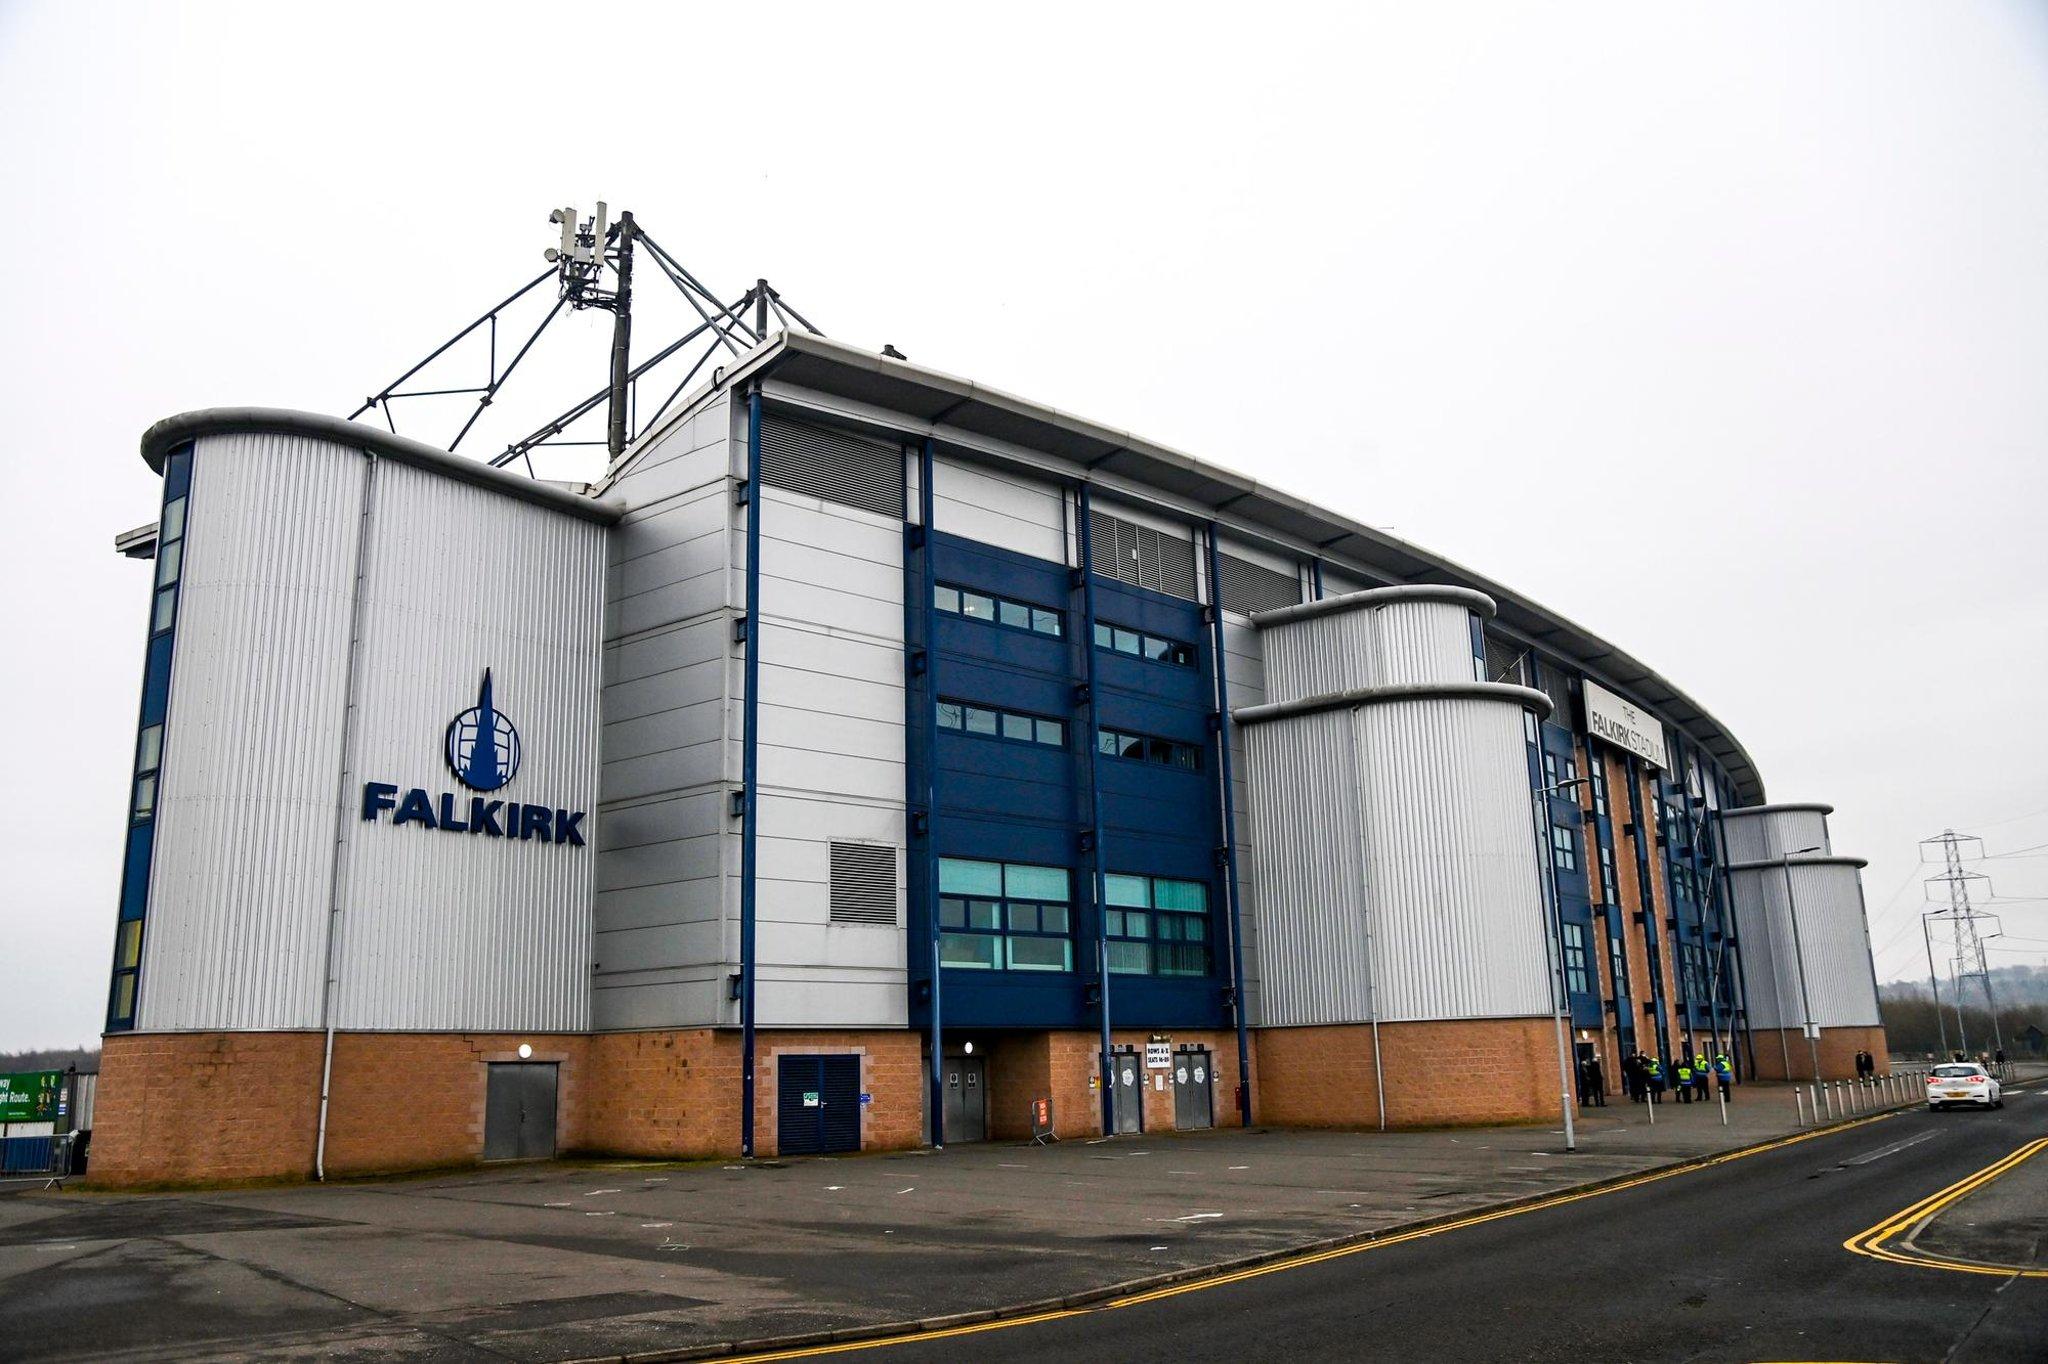 Bagaimana dewan Falkirk berhasil melakukan hal yang tidak terpikirkan dan tidak menghormati pendukung mereka sejauh itu mengganggu penggemar saingan